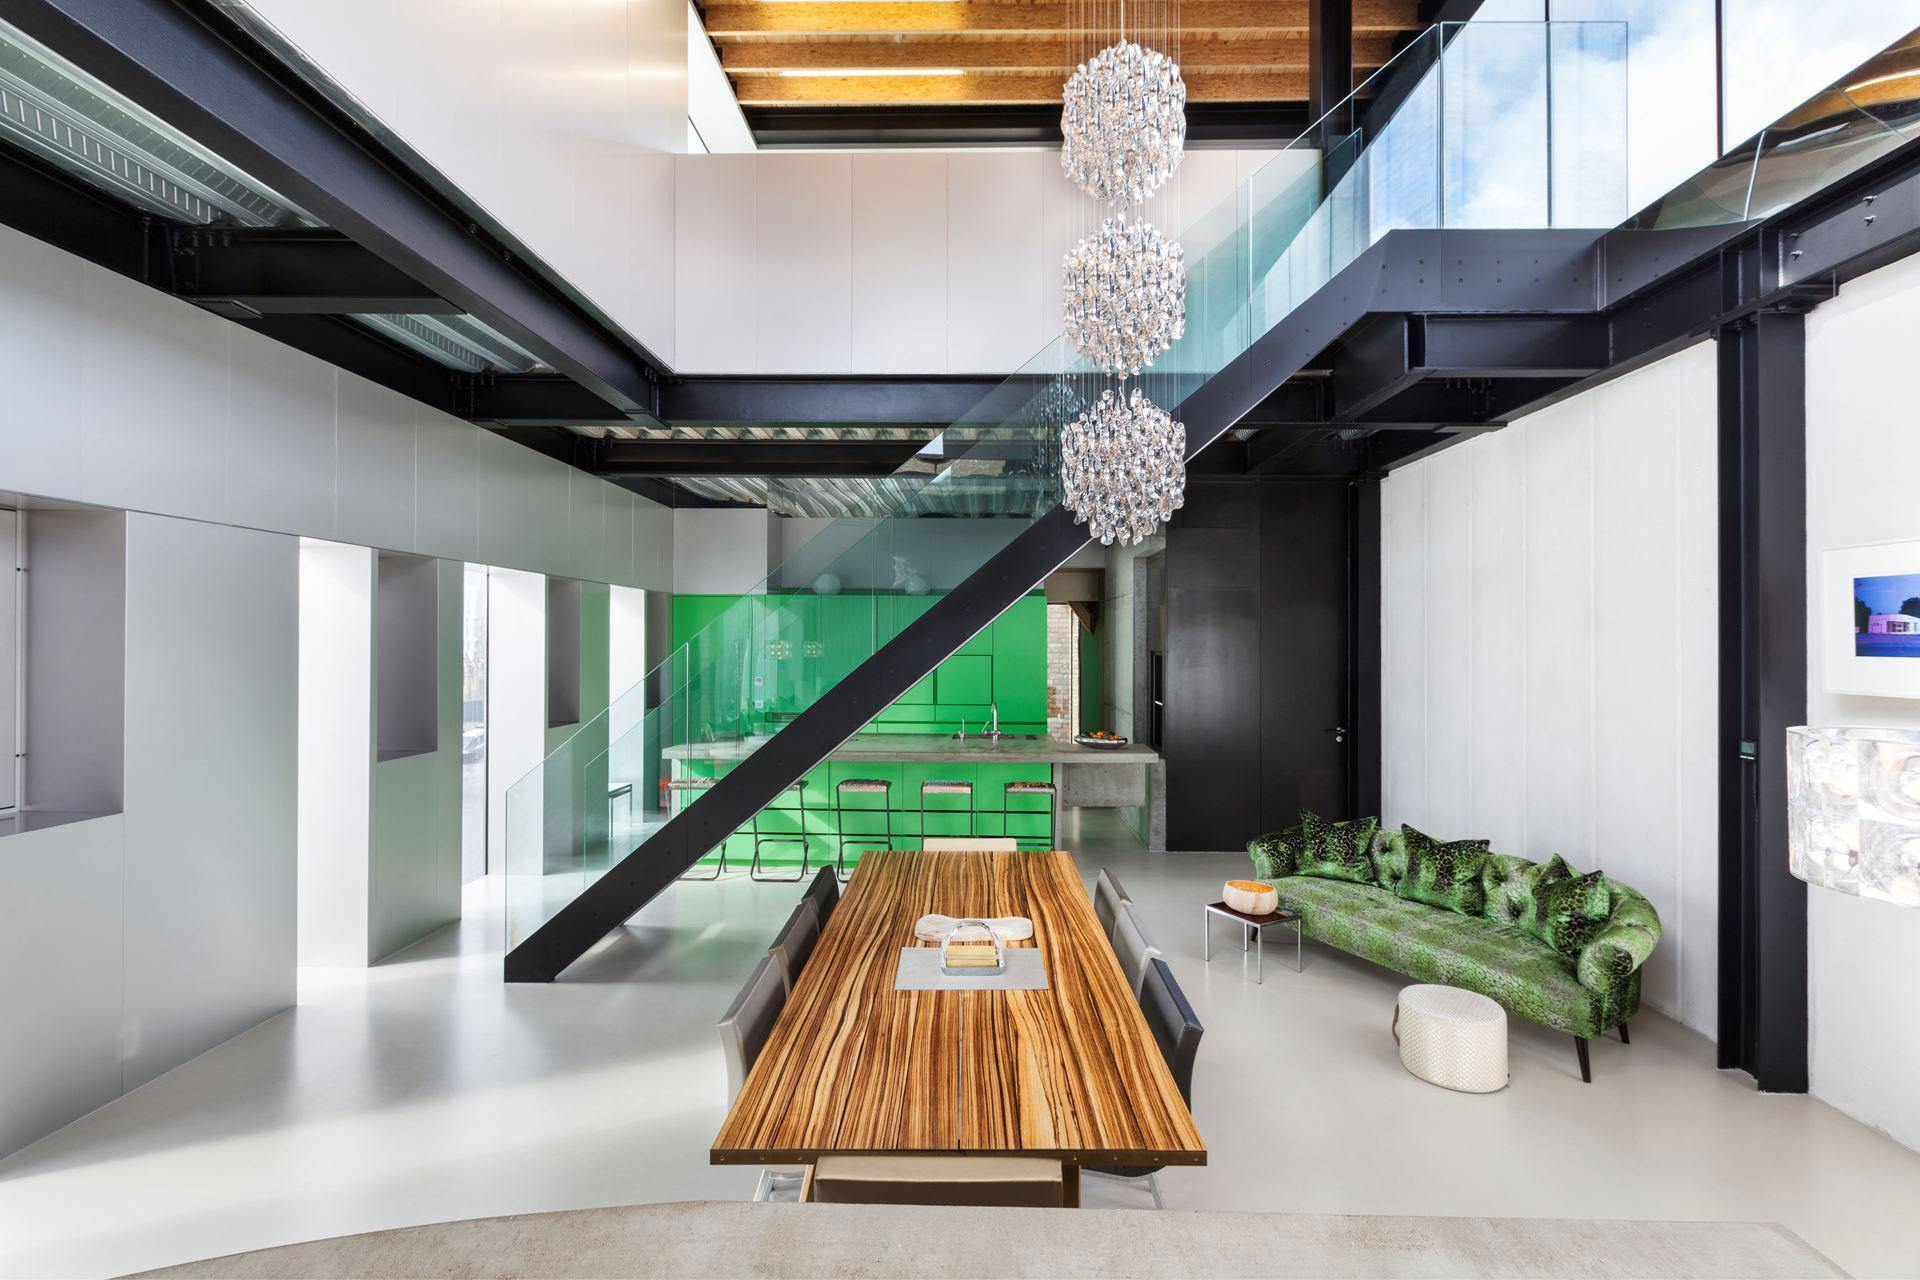 Silverlight Home in West London by Adjaye Associates-08